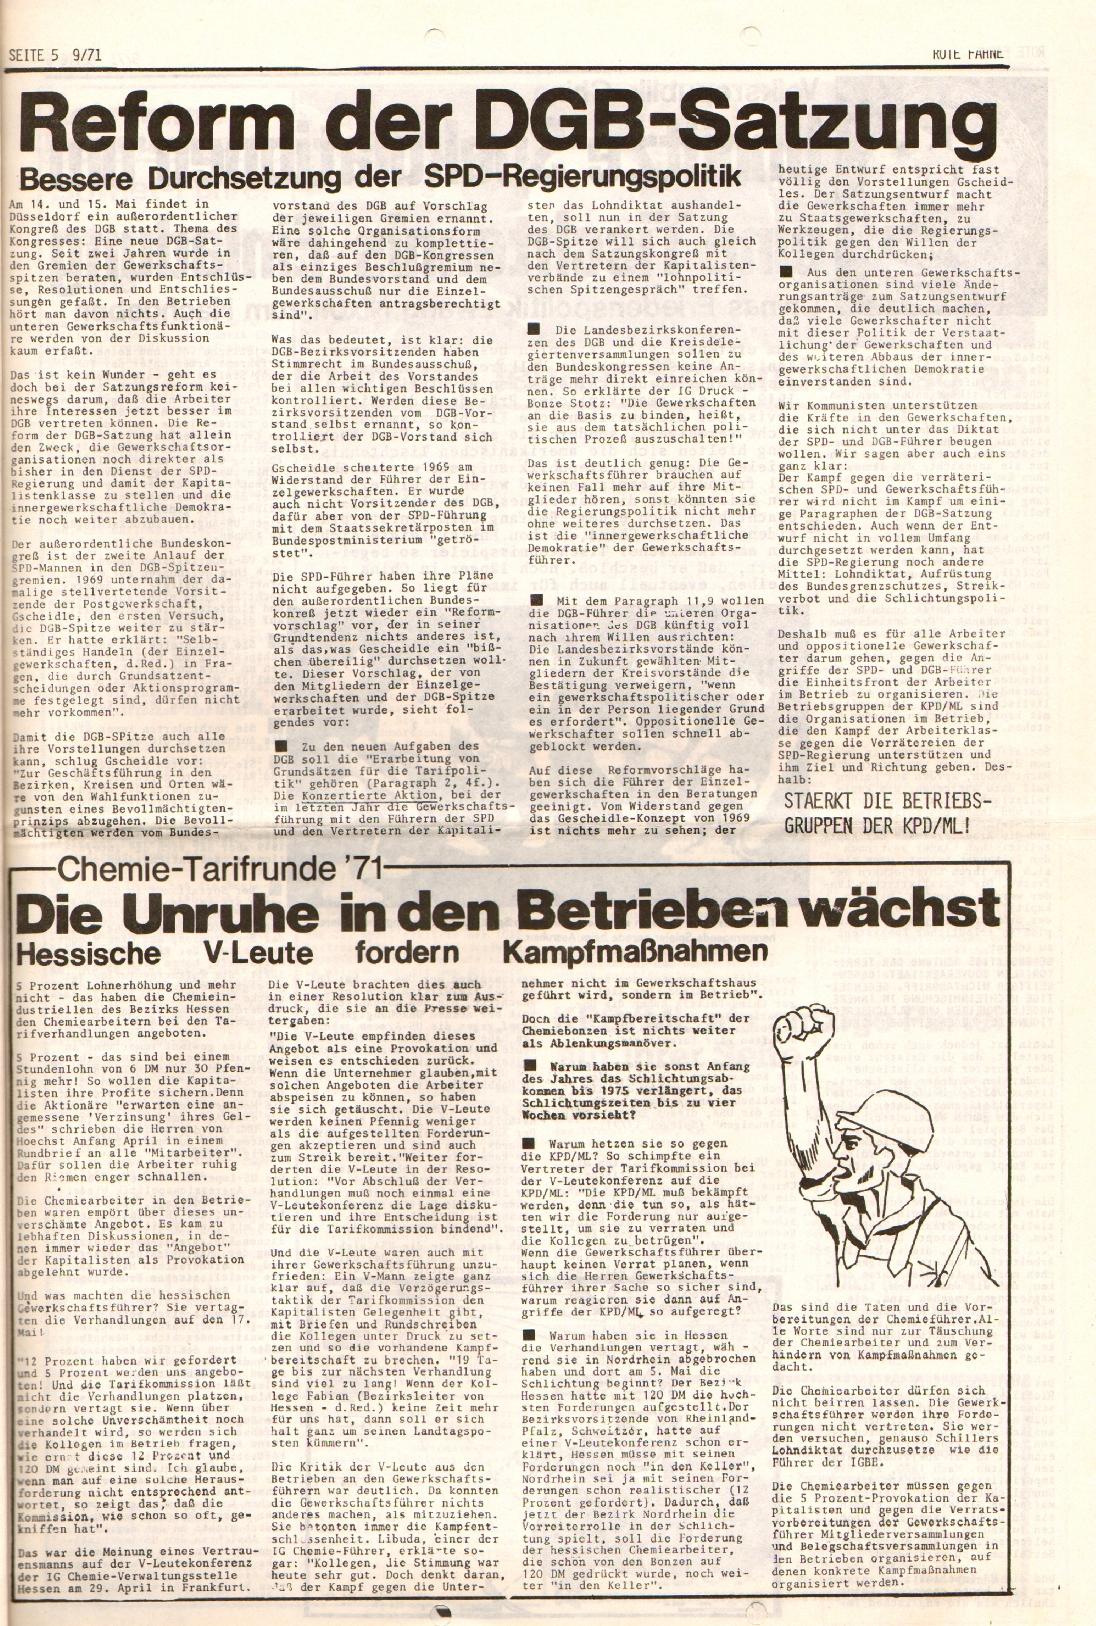 Rote Fahne, 2. Jg., 10.5.1971, Nr. 9, Seite 5